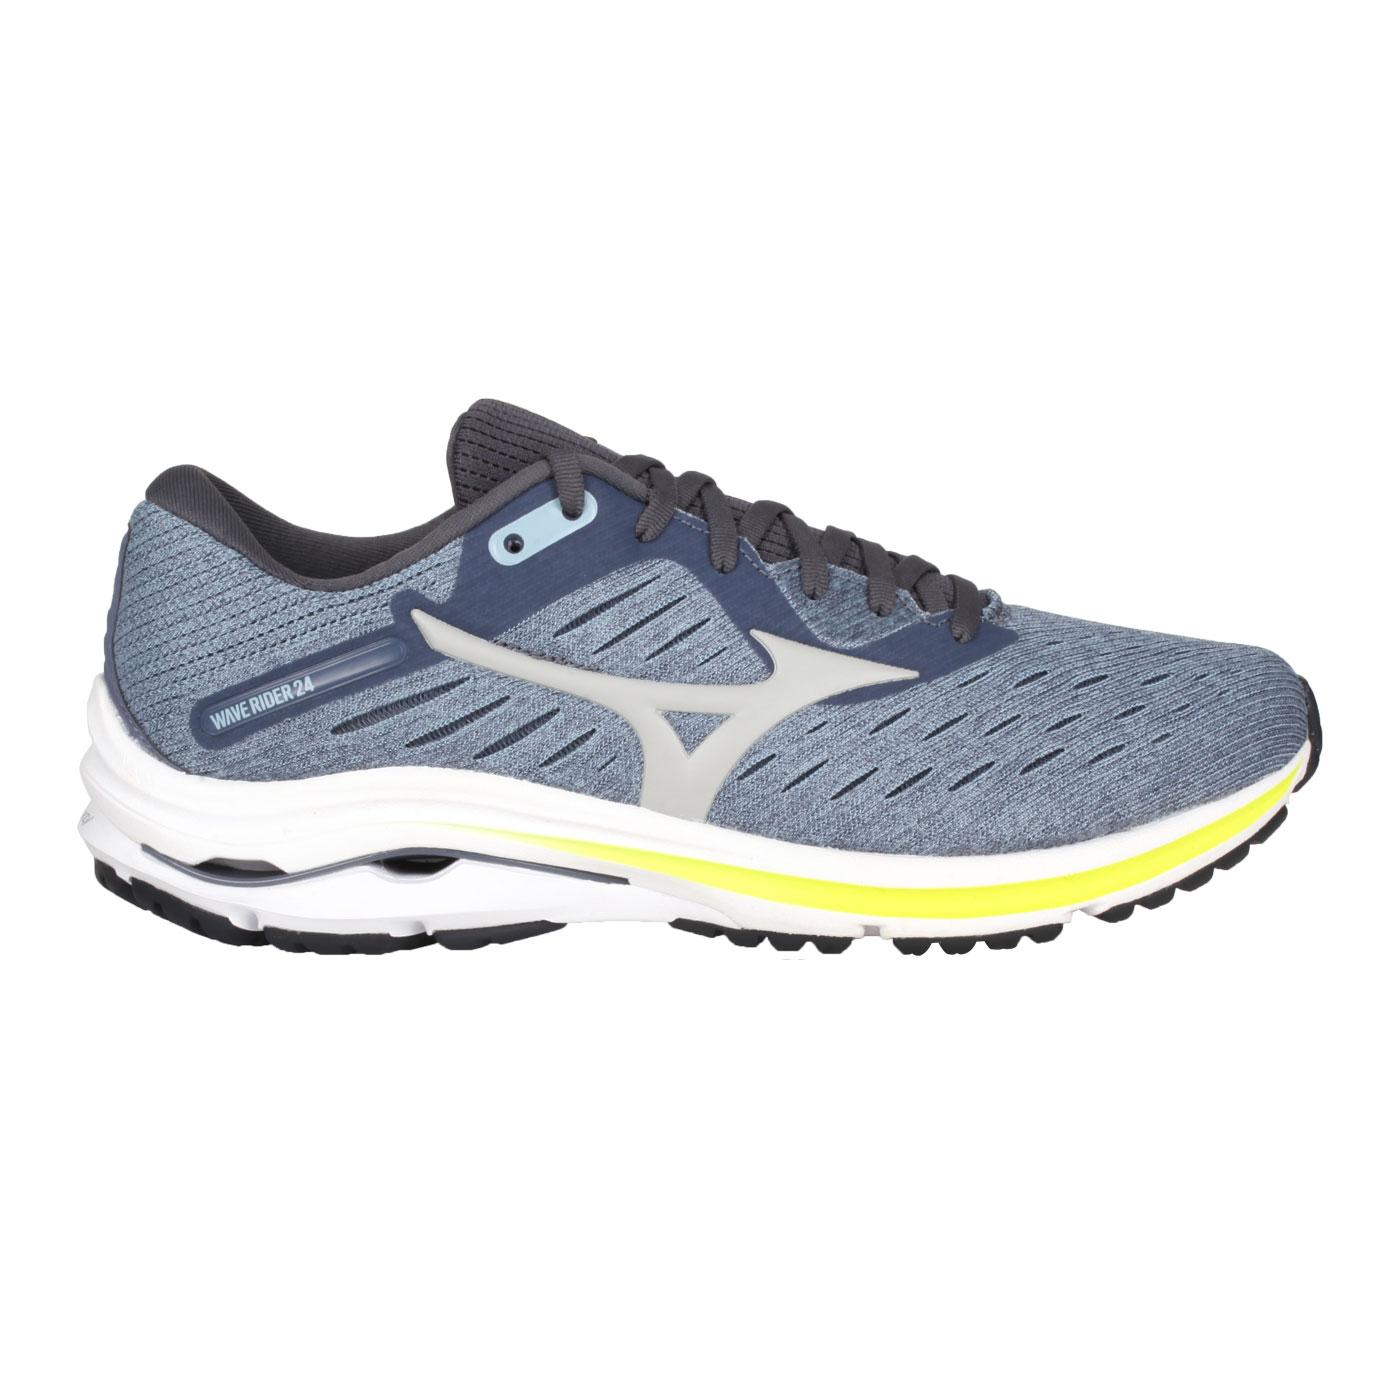 MIZUNO 男款慢跑鞋 J1GC200455 - 藍灰螢光黃